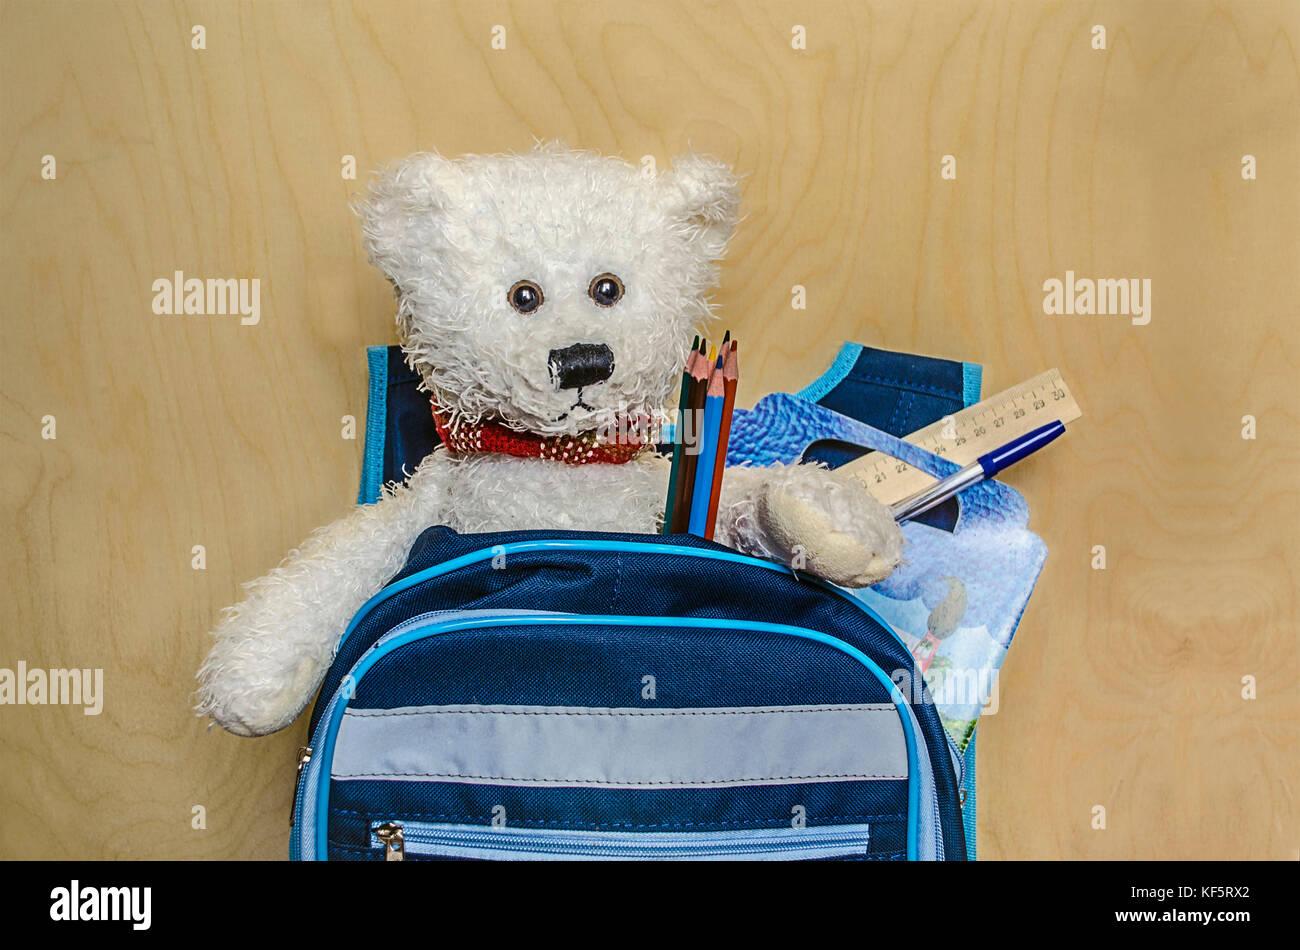 Ours blanc se trouve dans un sac à dos avec des crayons, stylo, coloration de l'ordinateur portable va Photo Stock